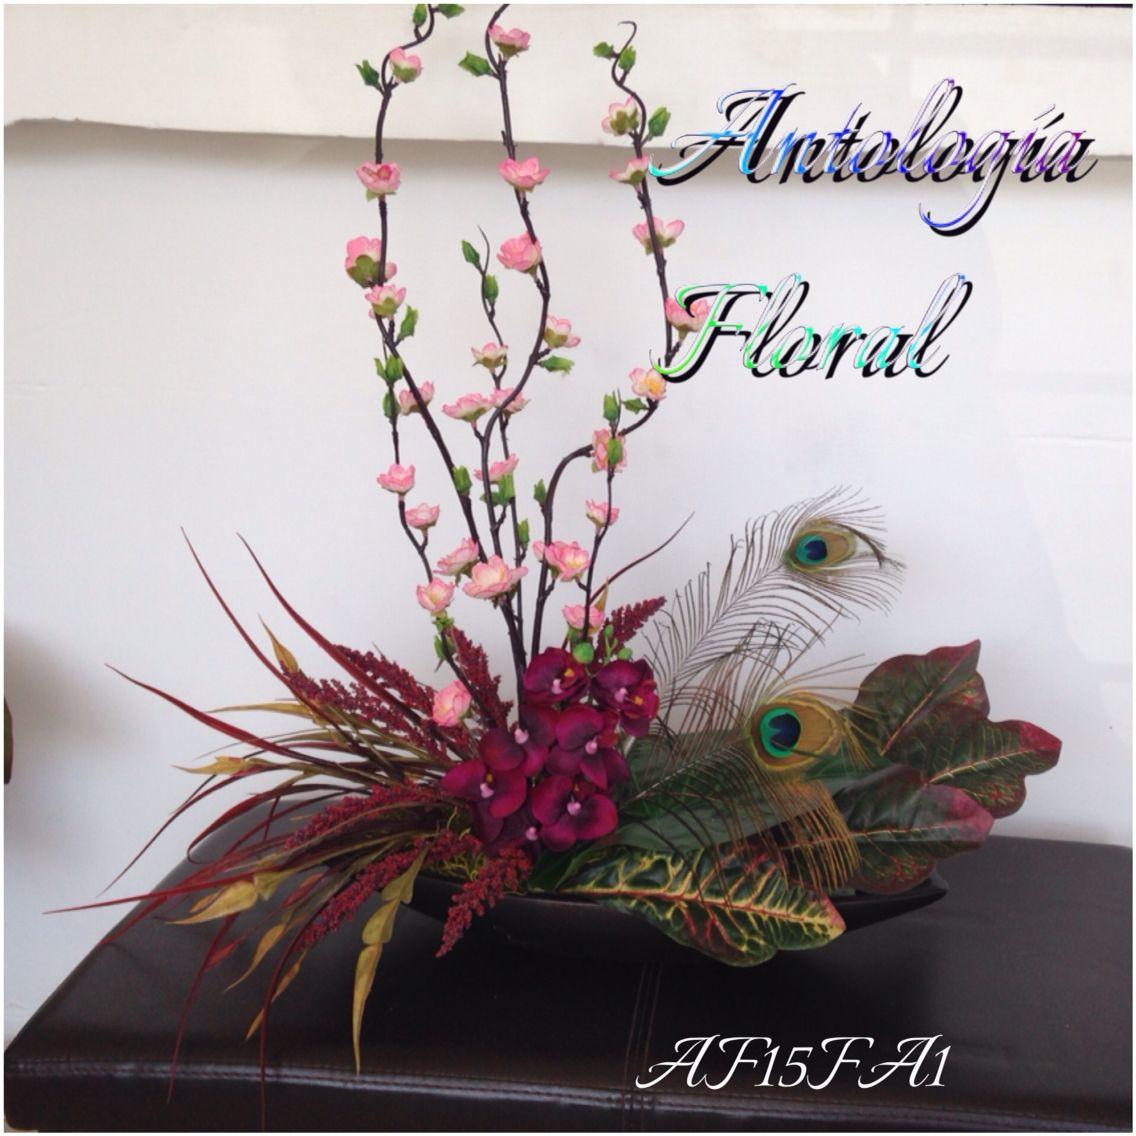 Arreglo de flores artificiales orqu dea rama de durazno - Arreglos florales con flores artificiales ...